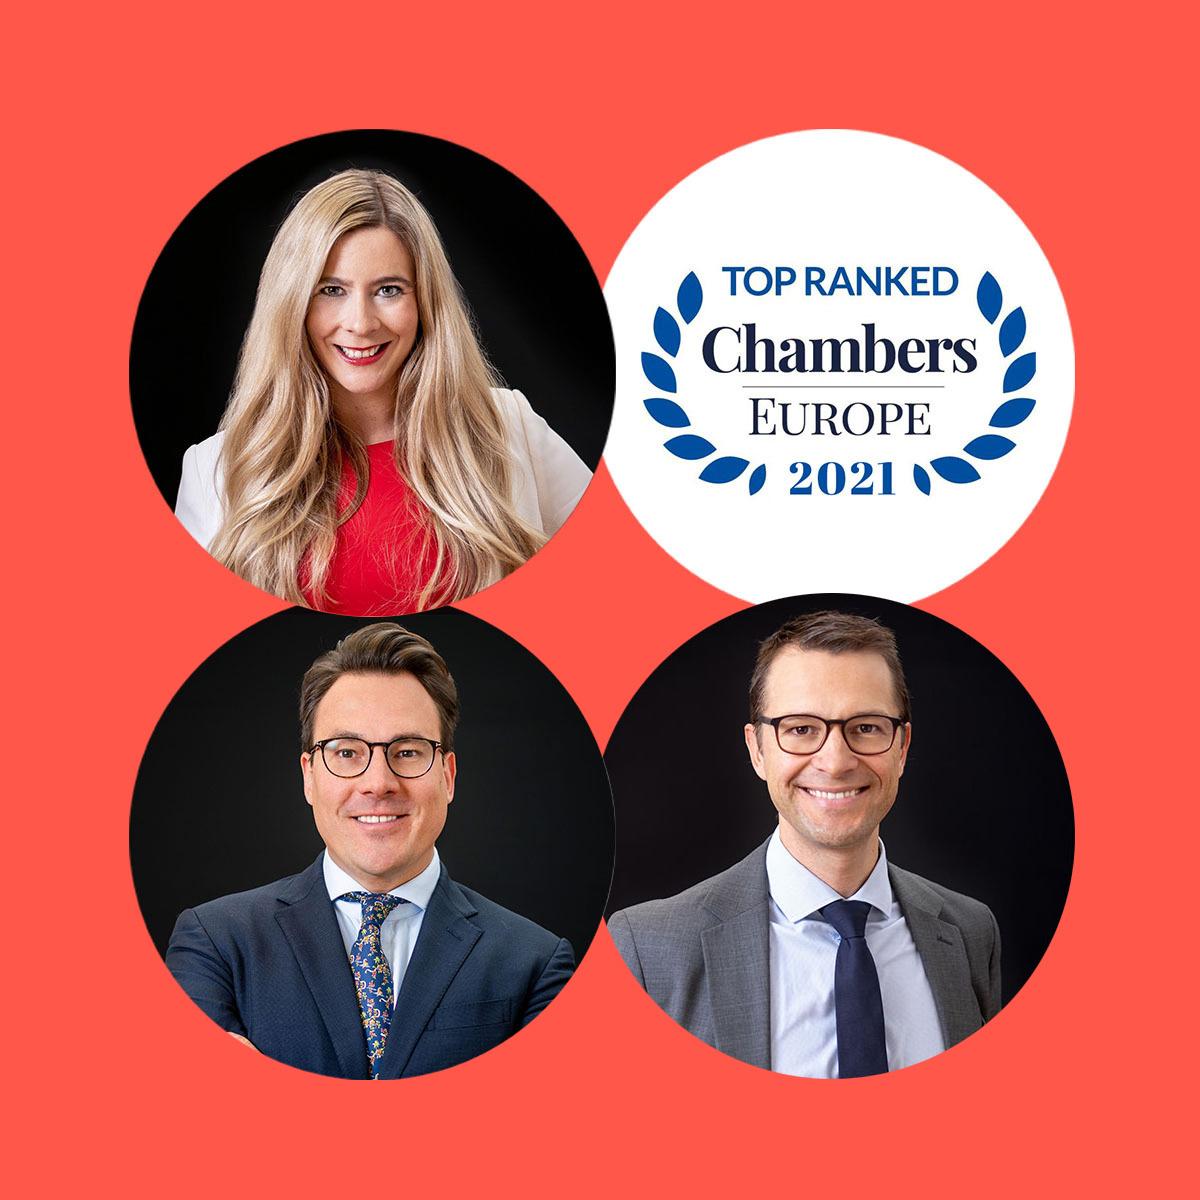 Chambers Europe 2021 Ranking